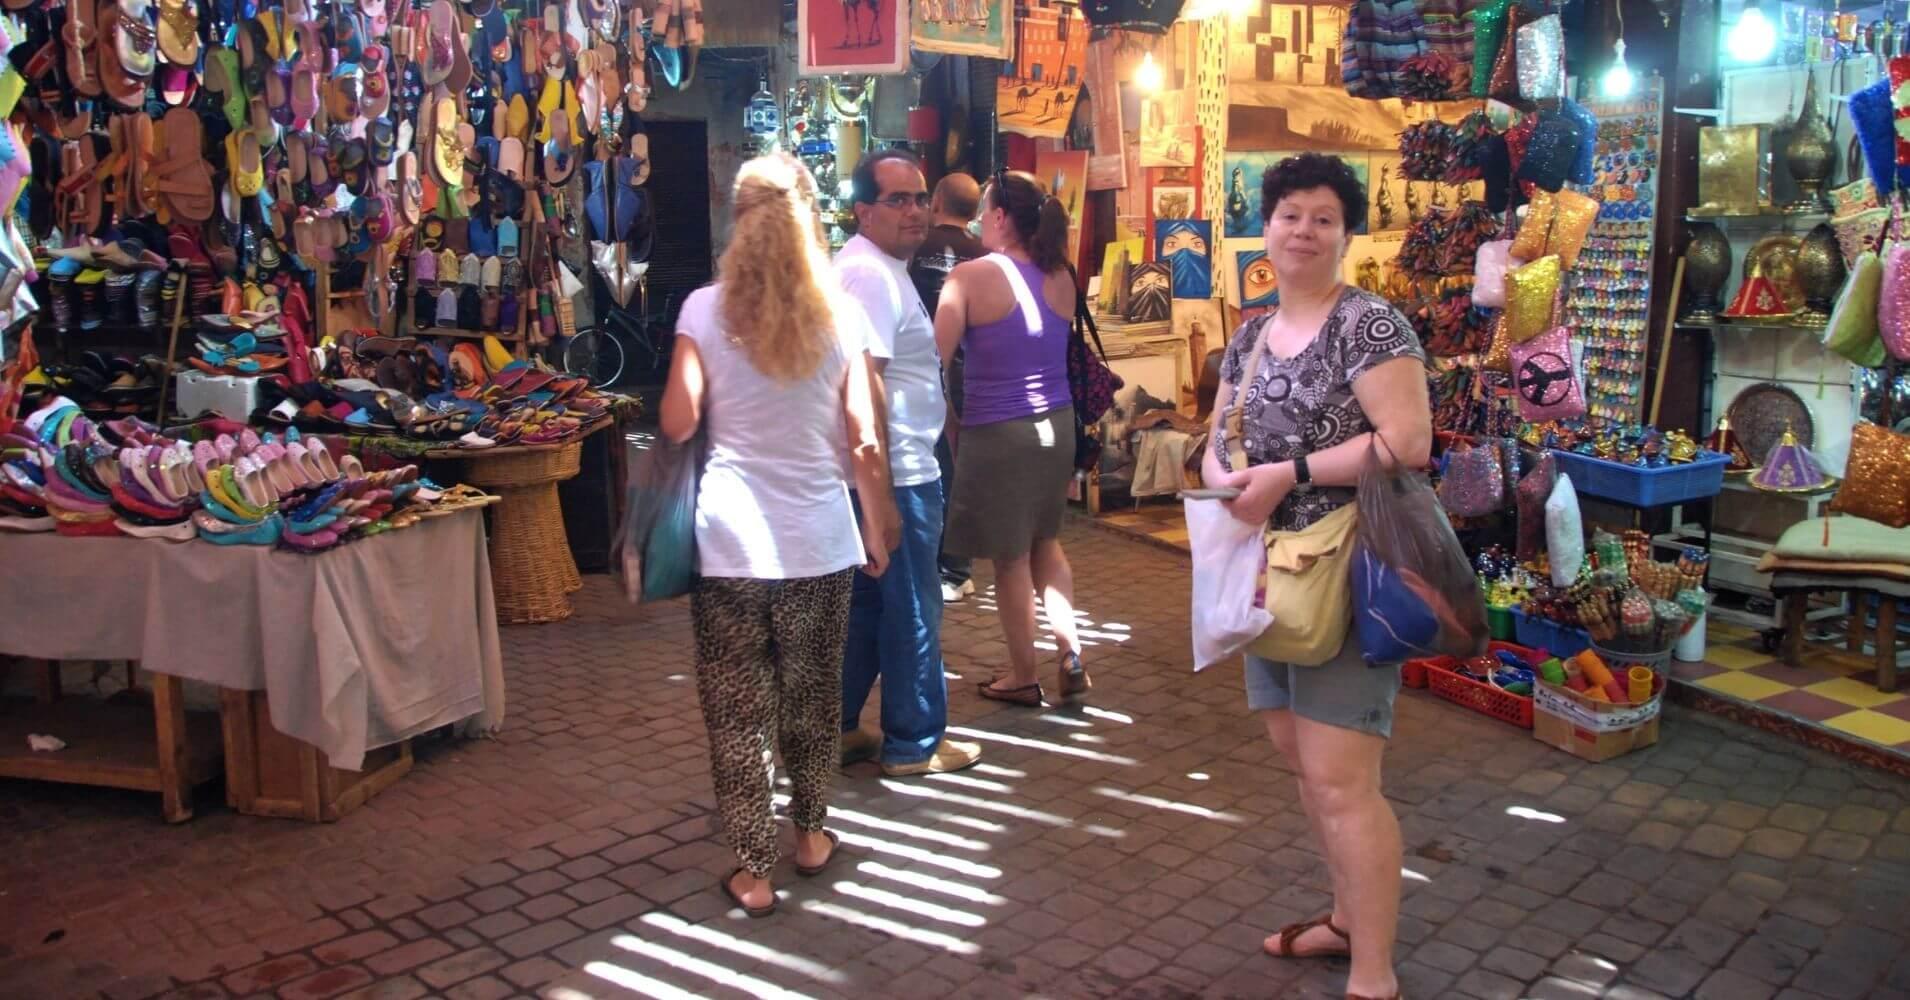 Viajar a Marruecos. Medina de Marrakech, Marruecos.